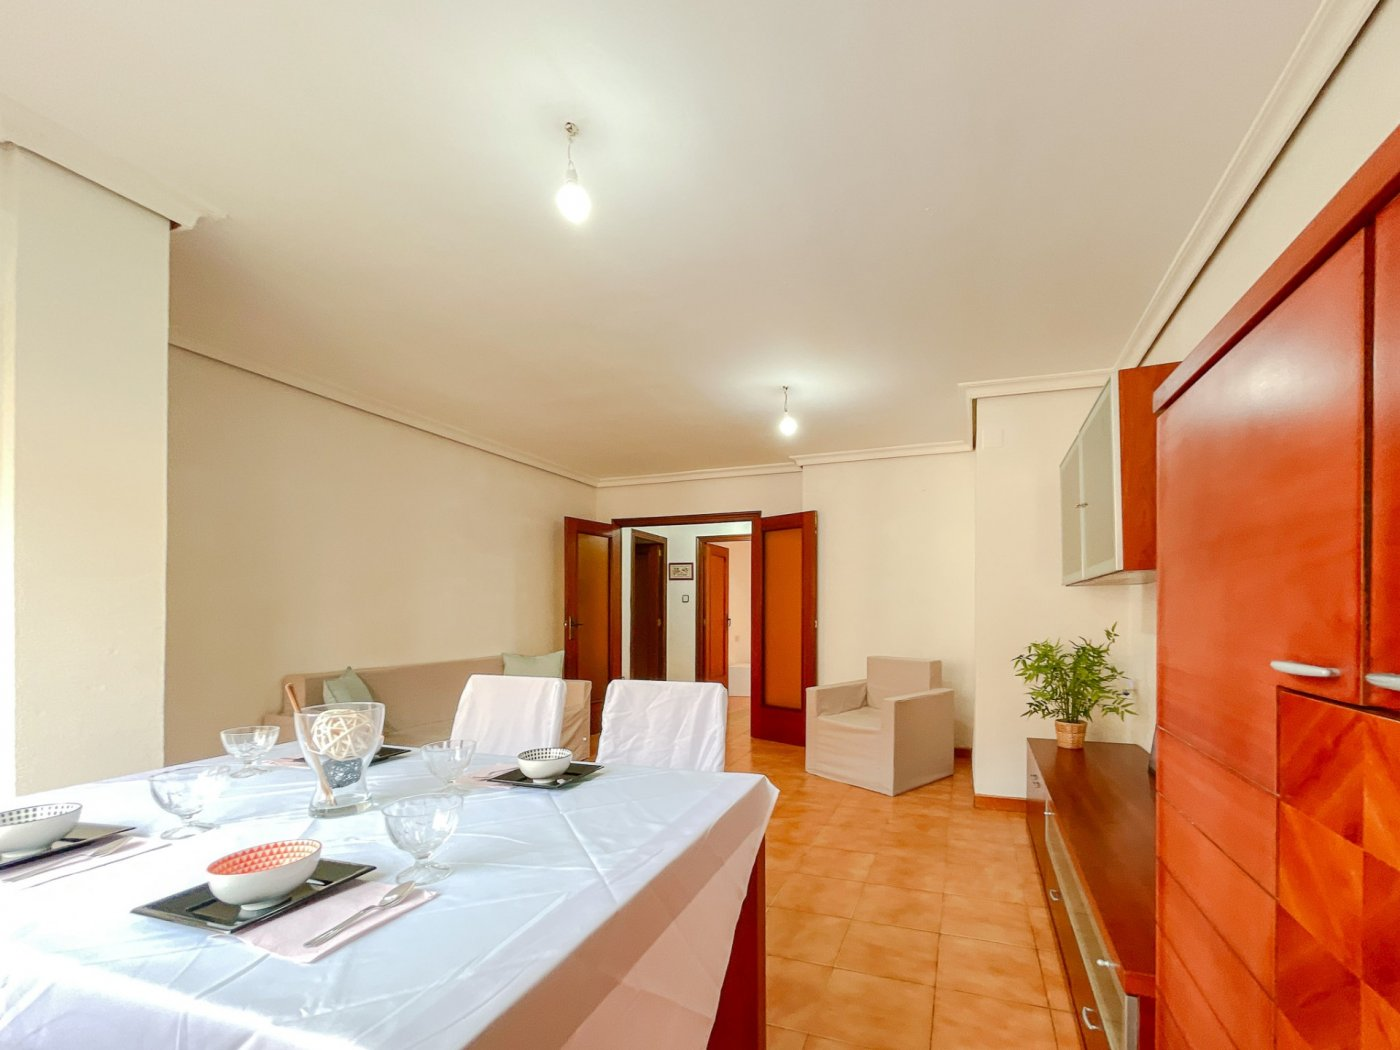 Estupendo piso muy soleado en plena avenida de la hispanidad de alcoy!! - imagenInmueble2